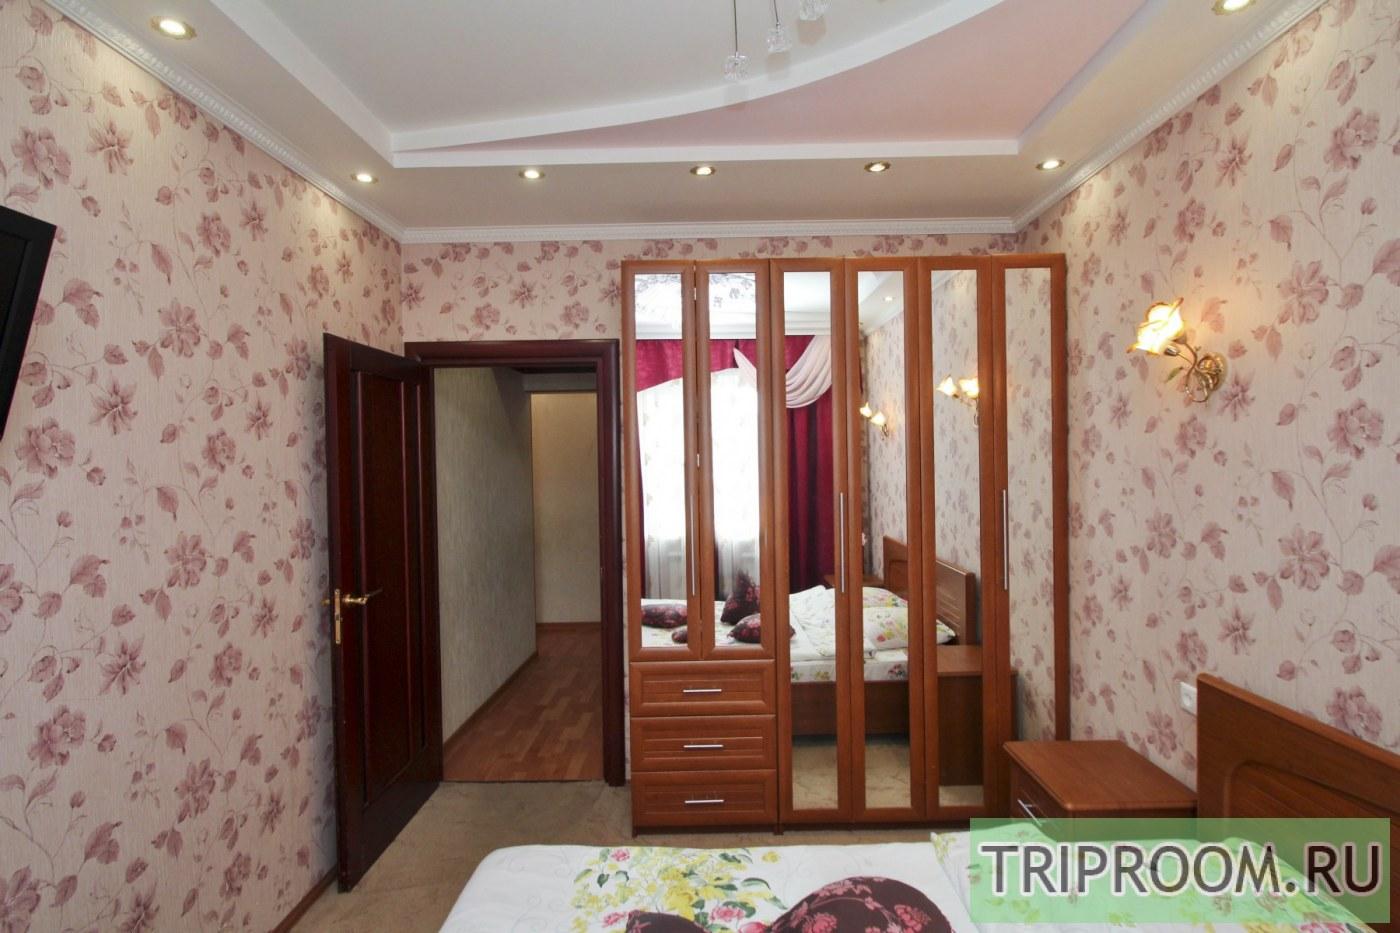 2-комнатная квартира посуточно (вариант № 37514), ул. Дзержинского улица, фото № 12